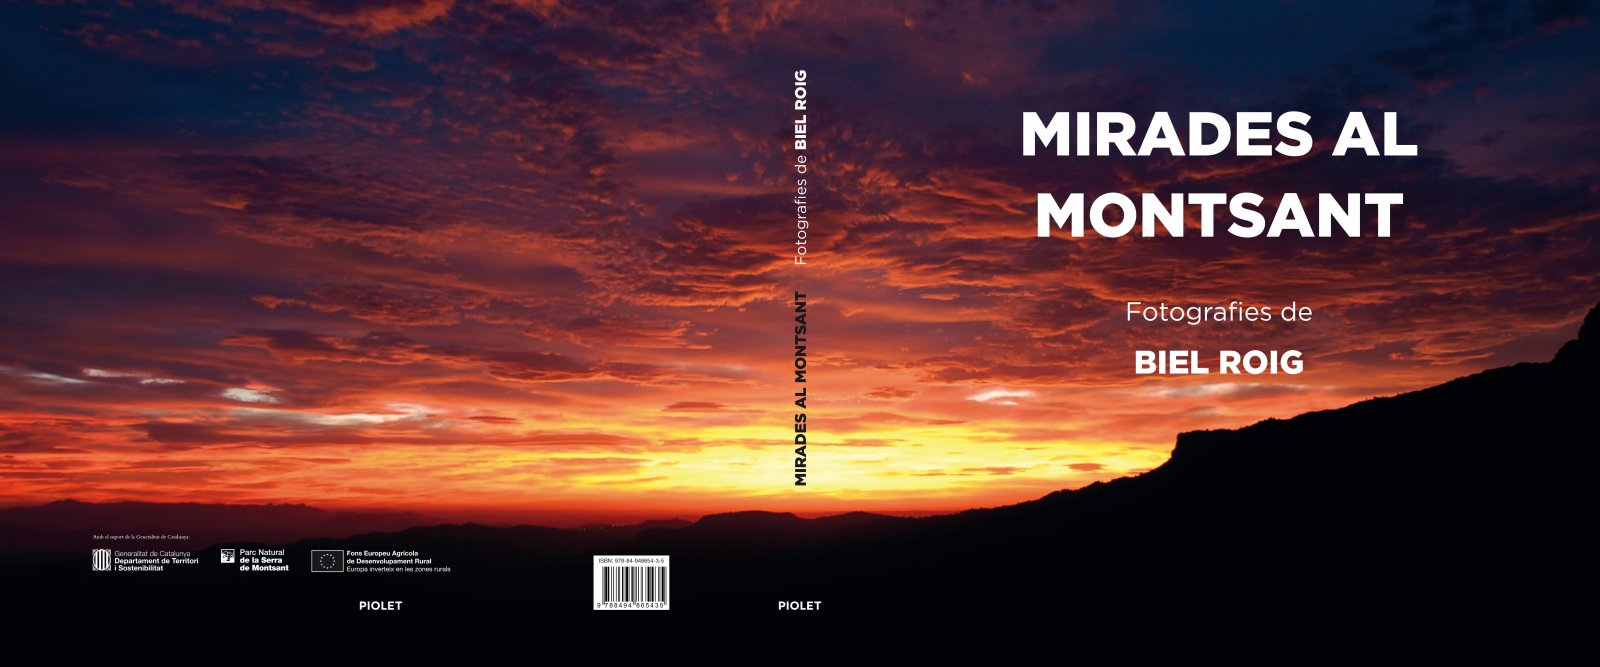 Portada del llibre 'Mirades al Montsant'